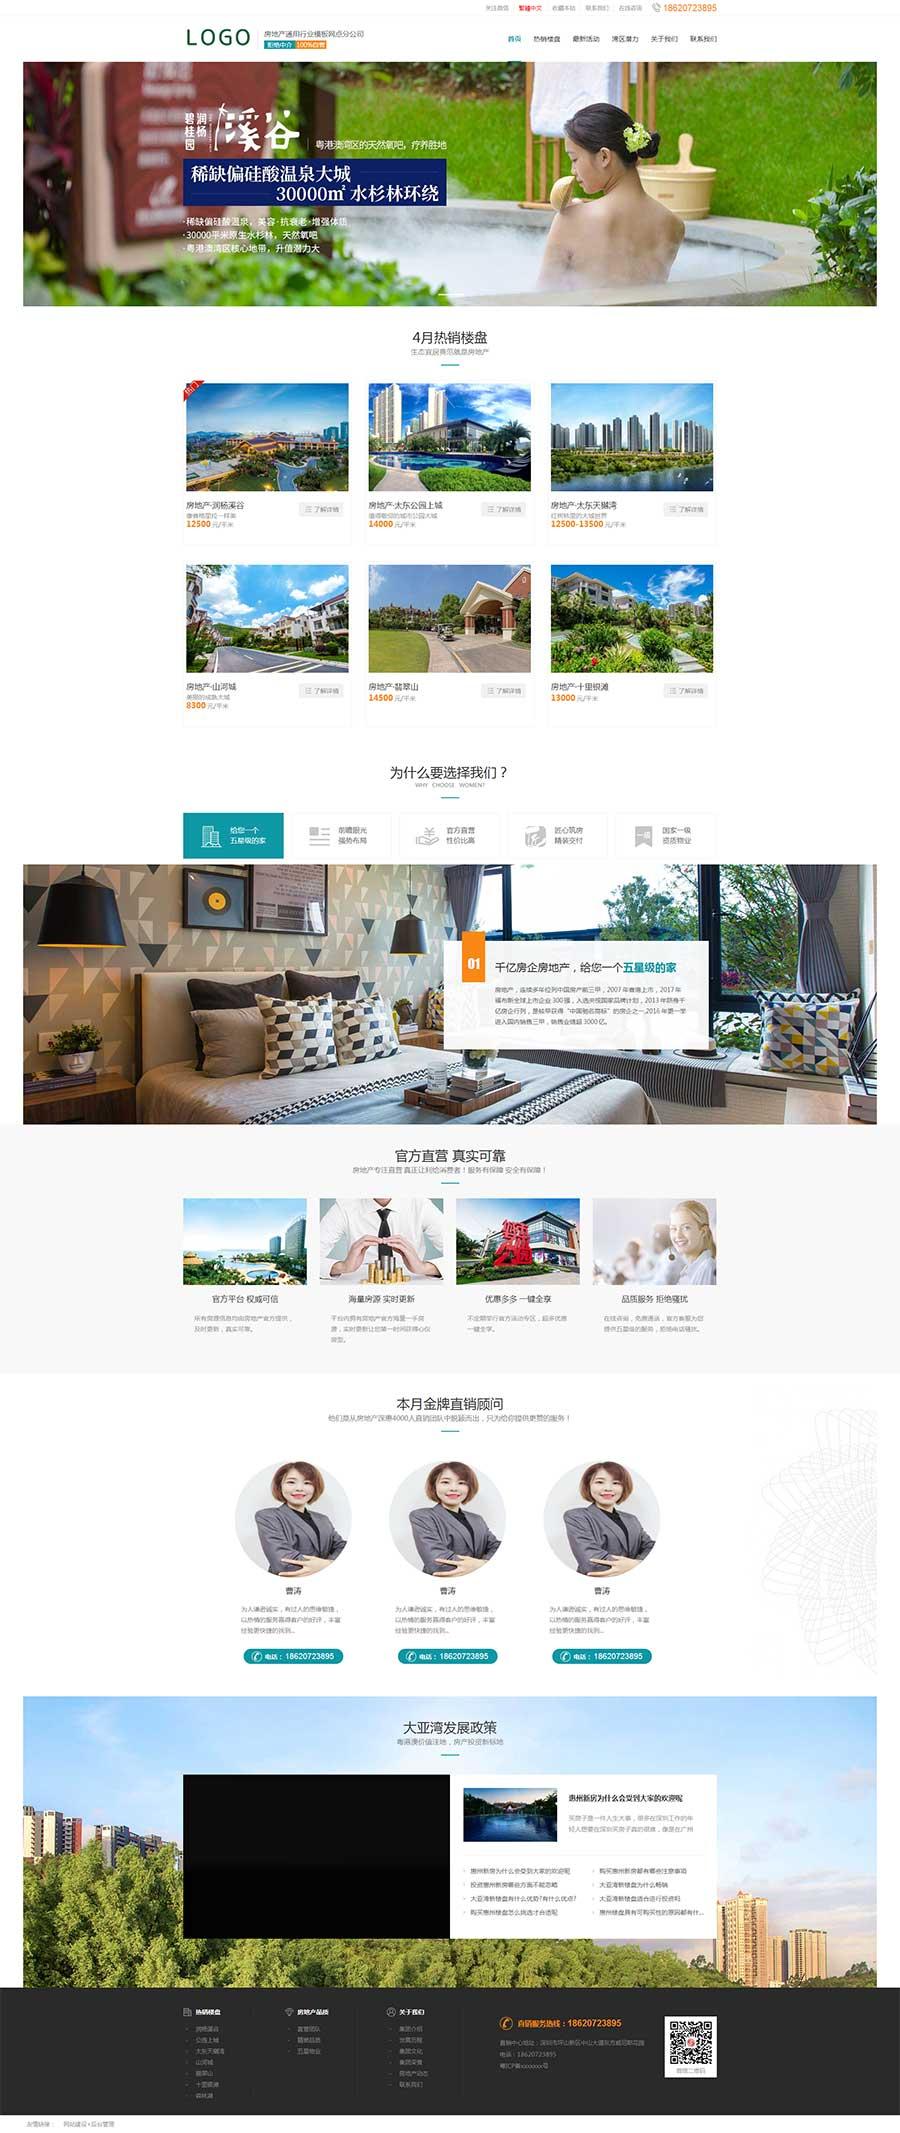 蓝色宽屏大气的房地产信息咨询公司网站模板